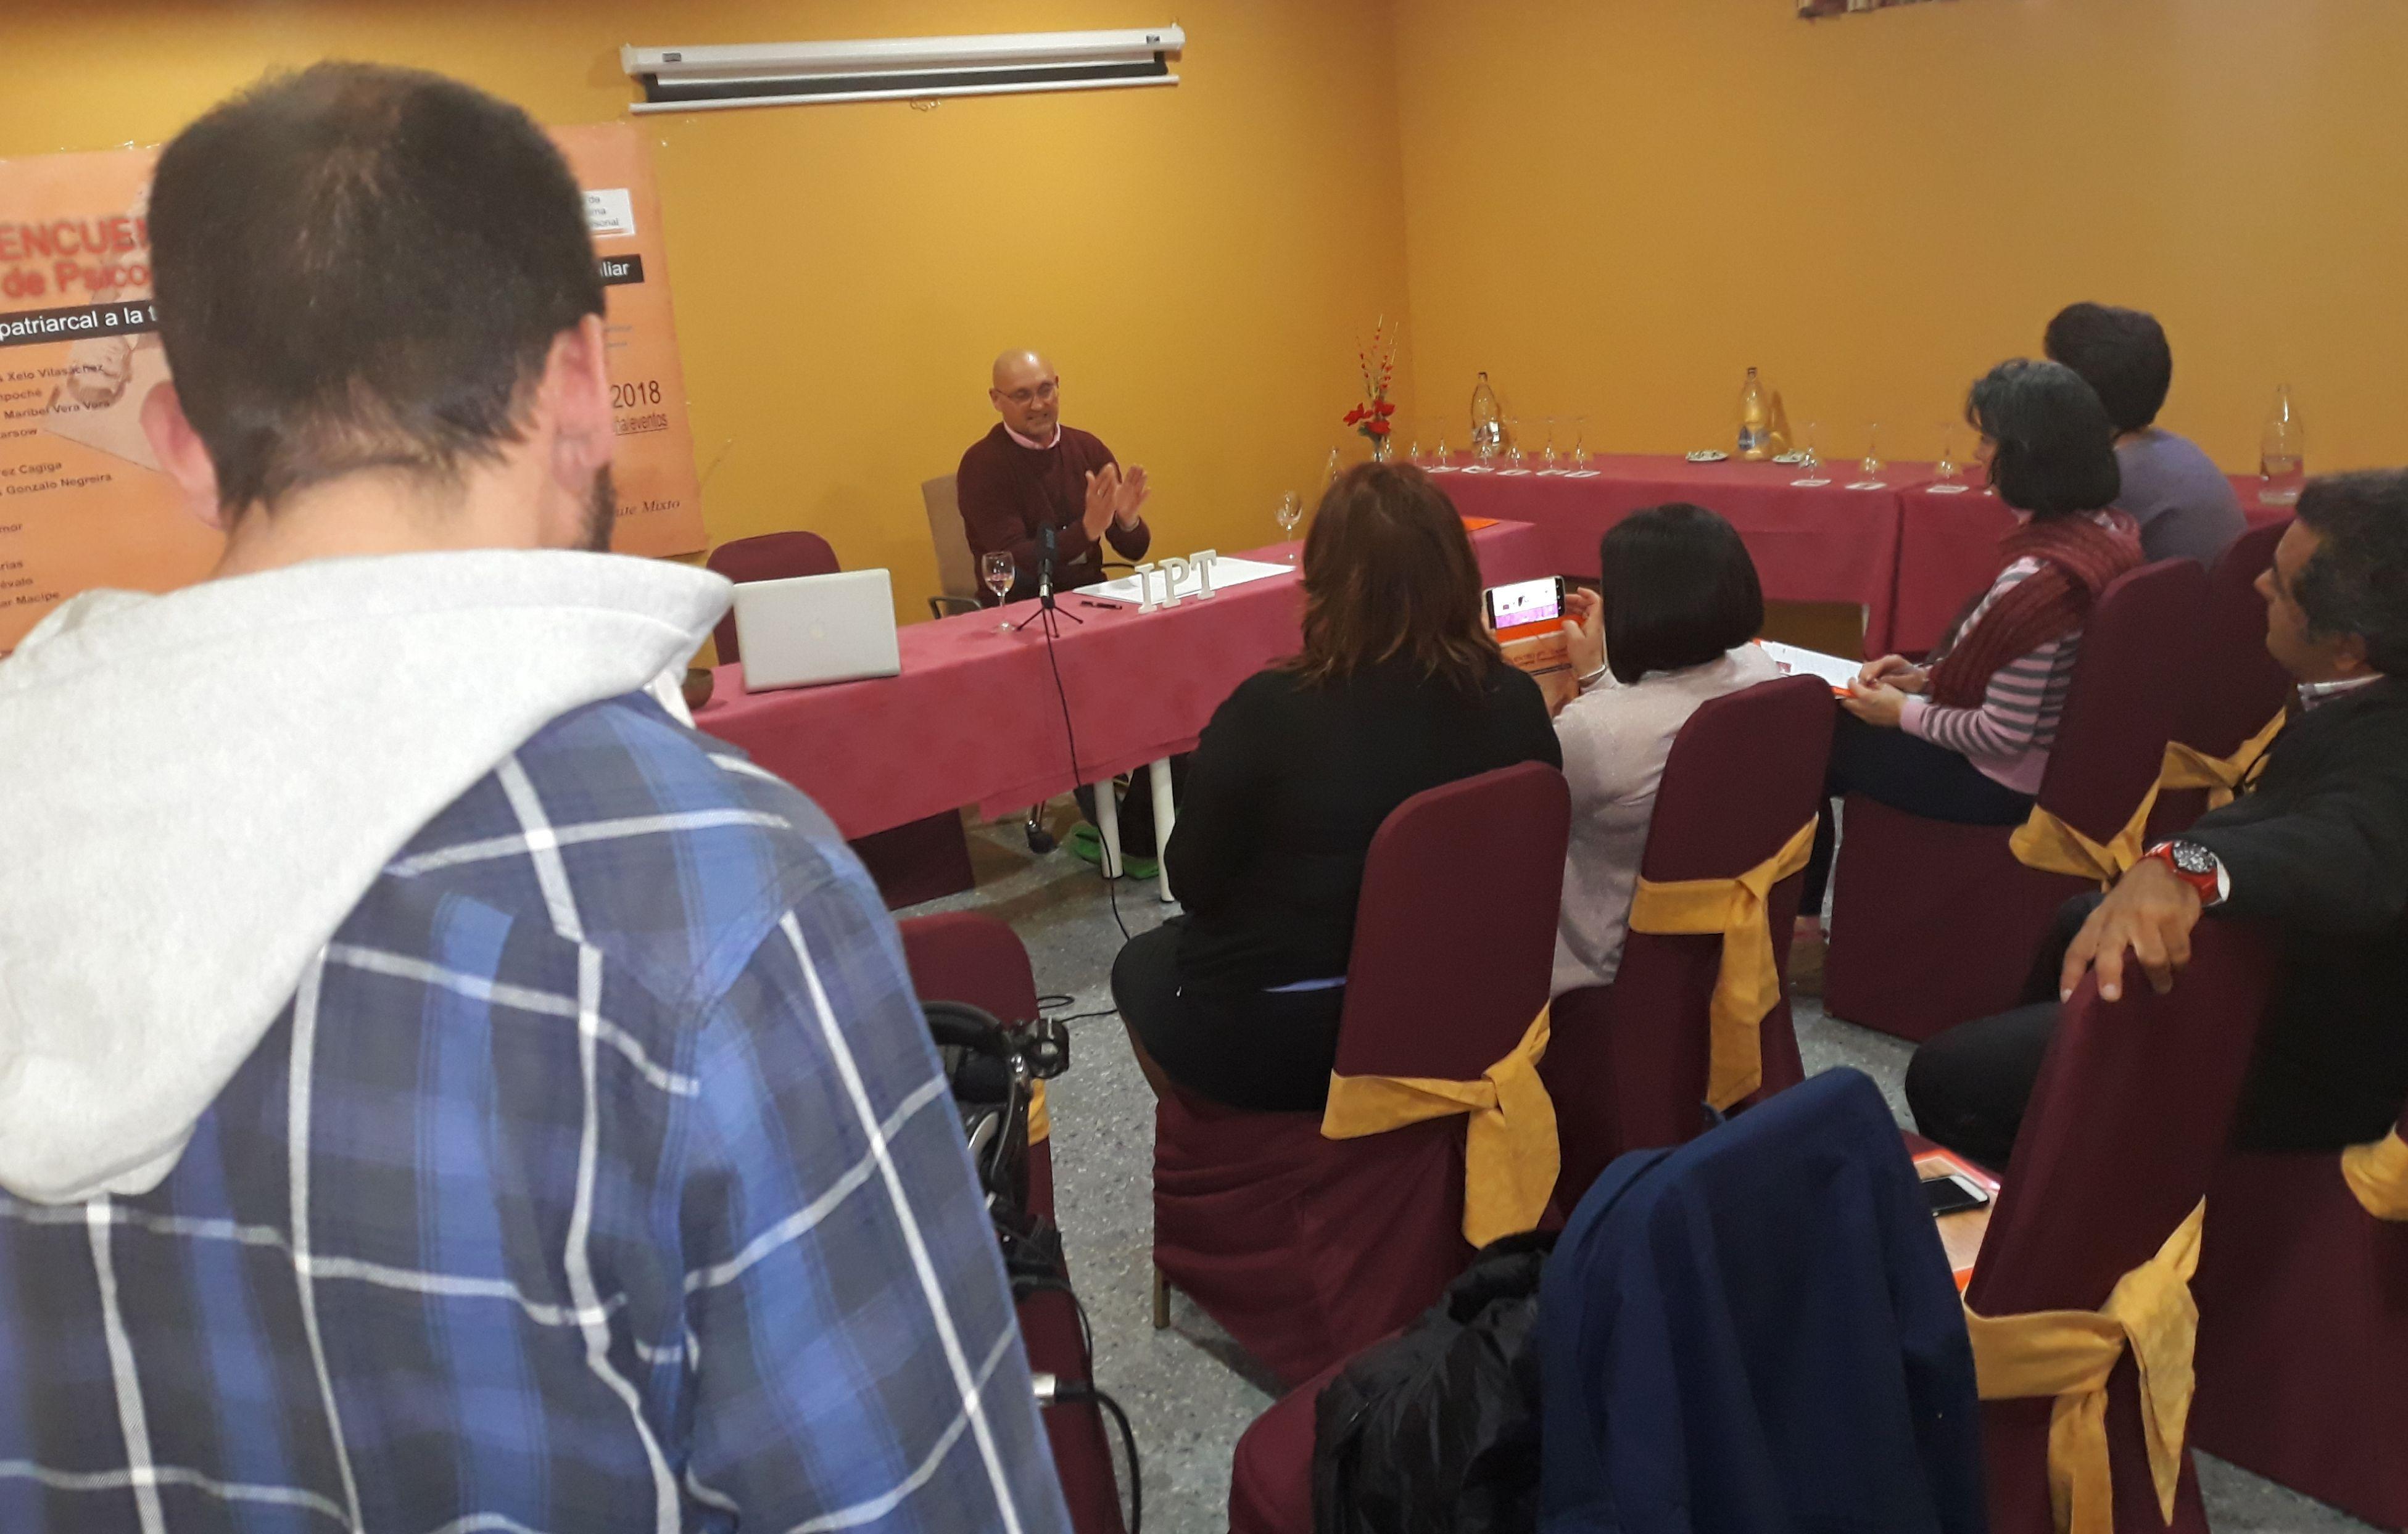 Foto 1 de Congresos IPT Internacional en Sevilla | IPT Internacional